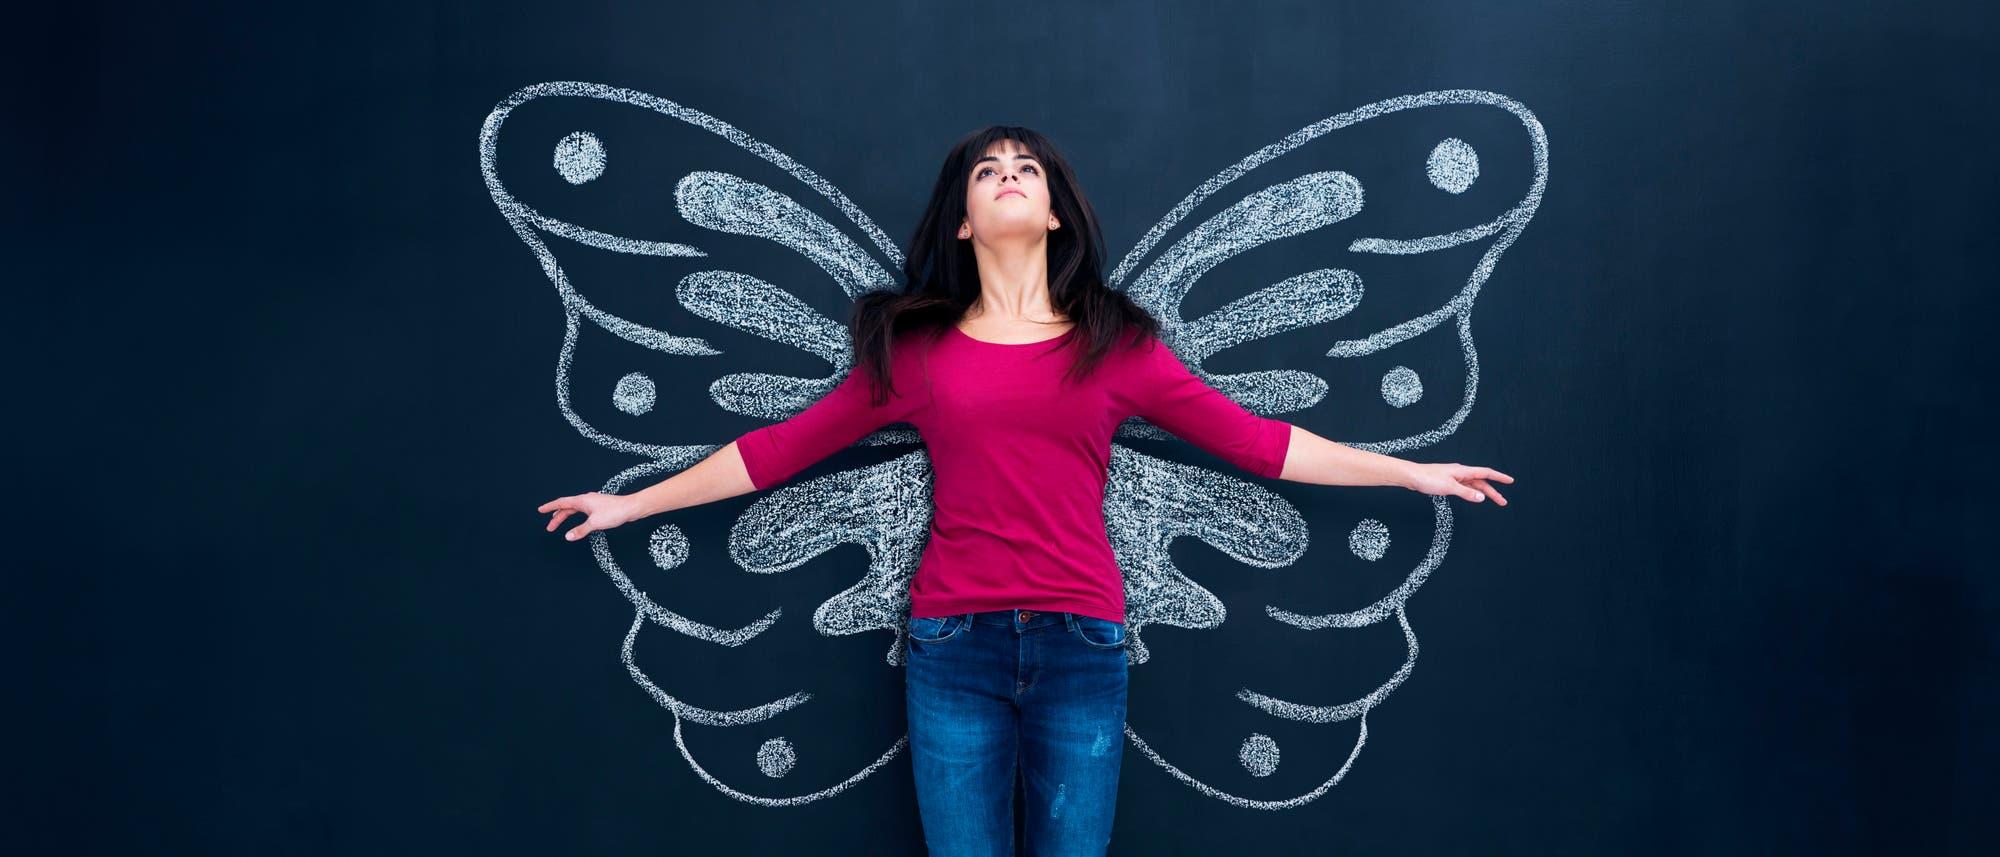 Eine Frau steht mit ausgebreiteten Armen vor auf eine Tafel gezeichneten Schmetterlingsflügeln